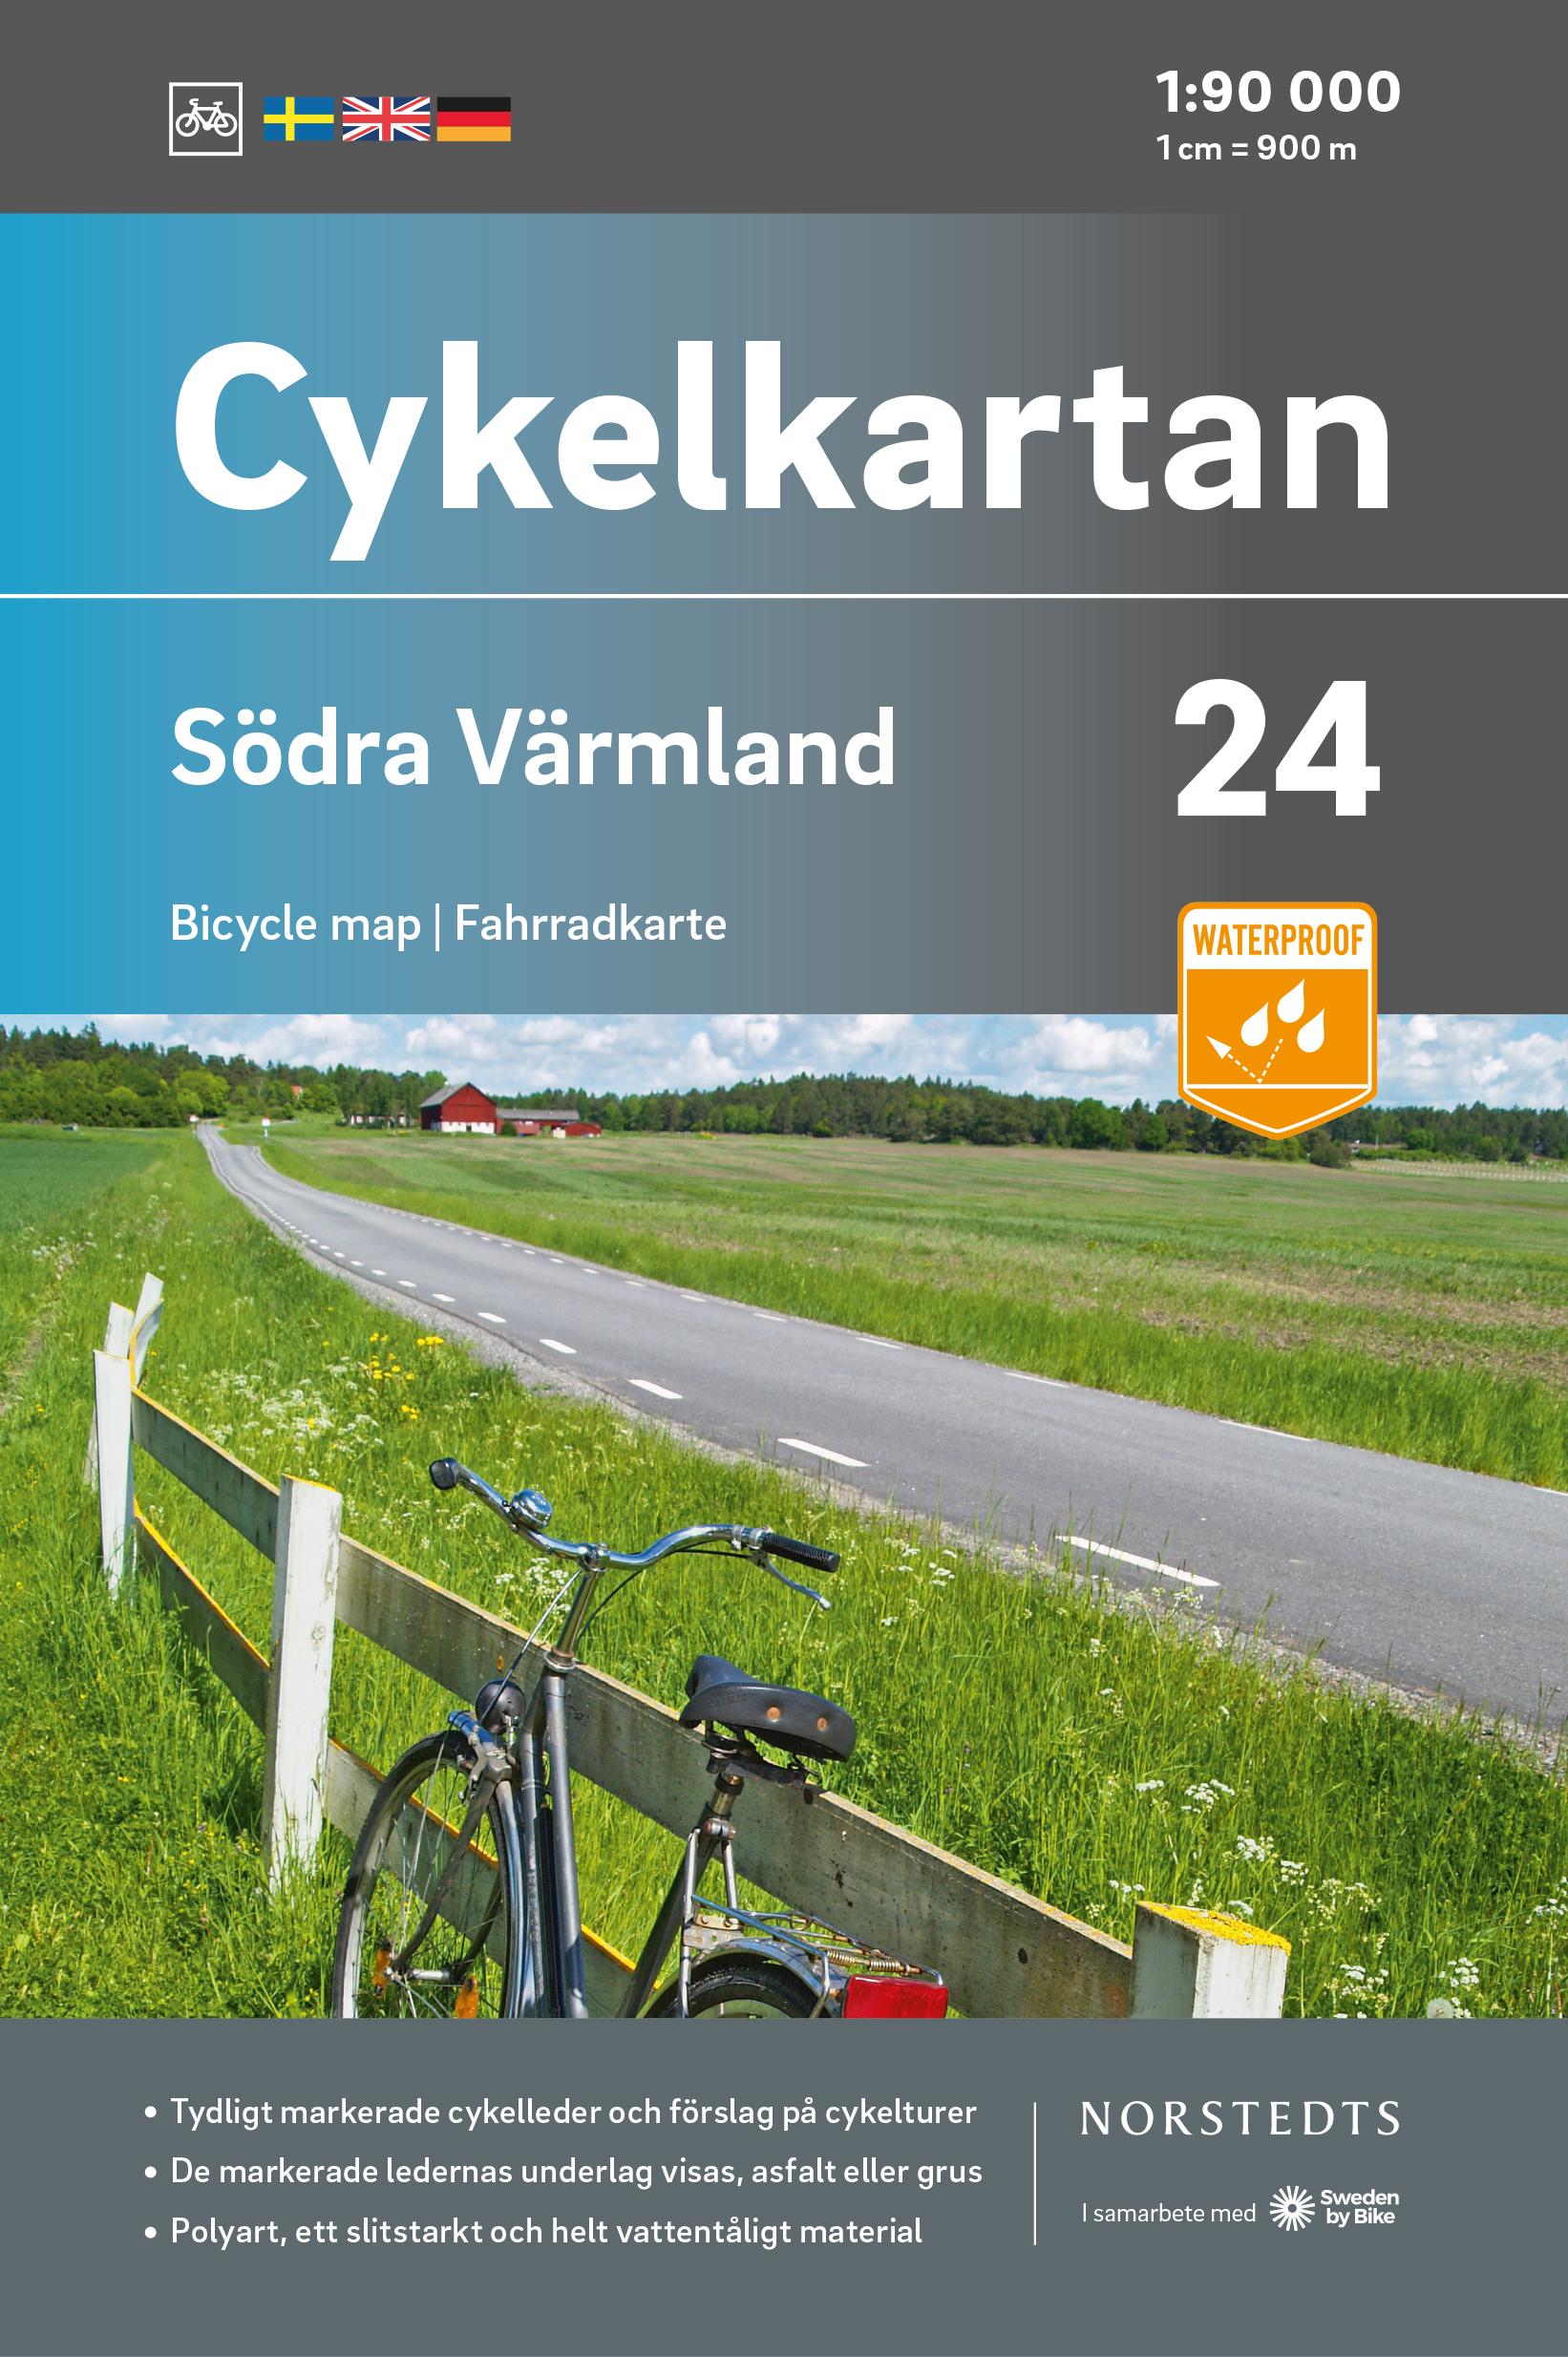 Fietskaart 24 Cykelkartan Södra Värmland - zuid Varmland | Norstedts